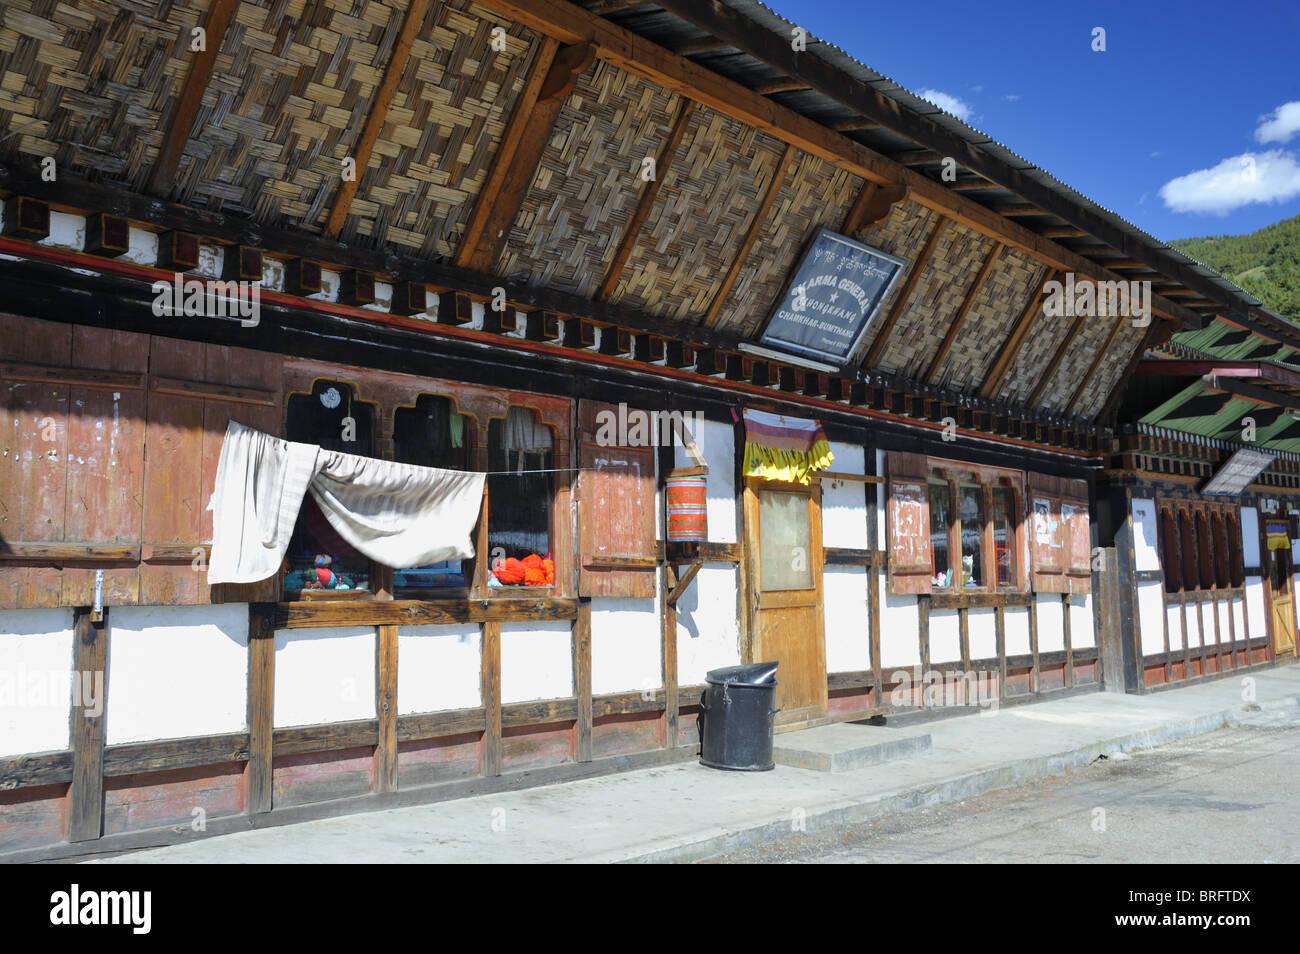 Street Scene, Bumthang, Bhutan. - Stock Image